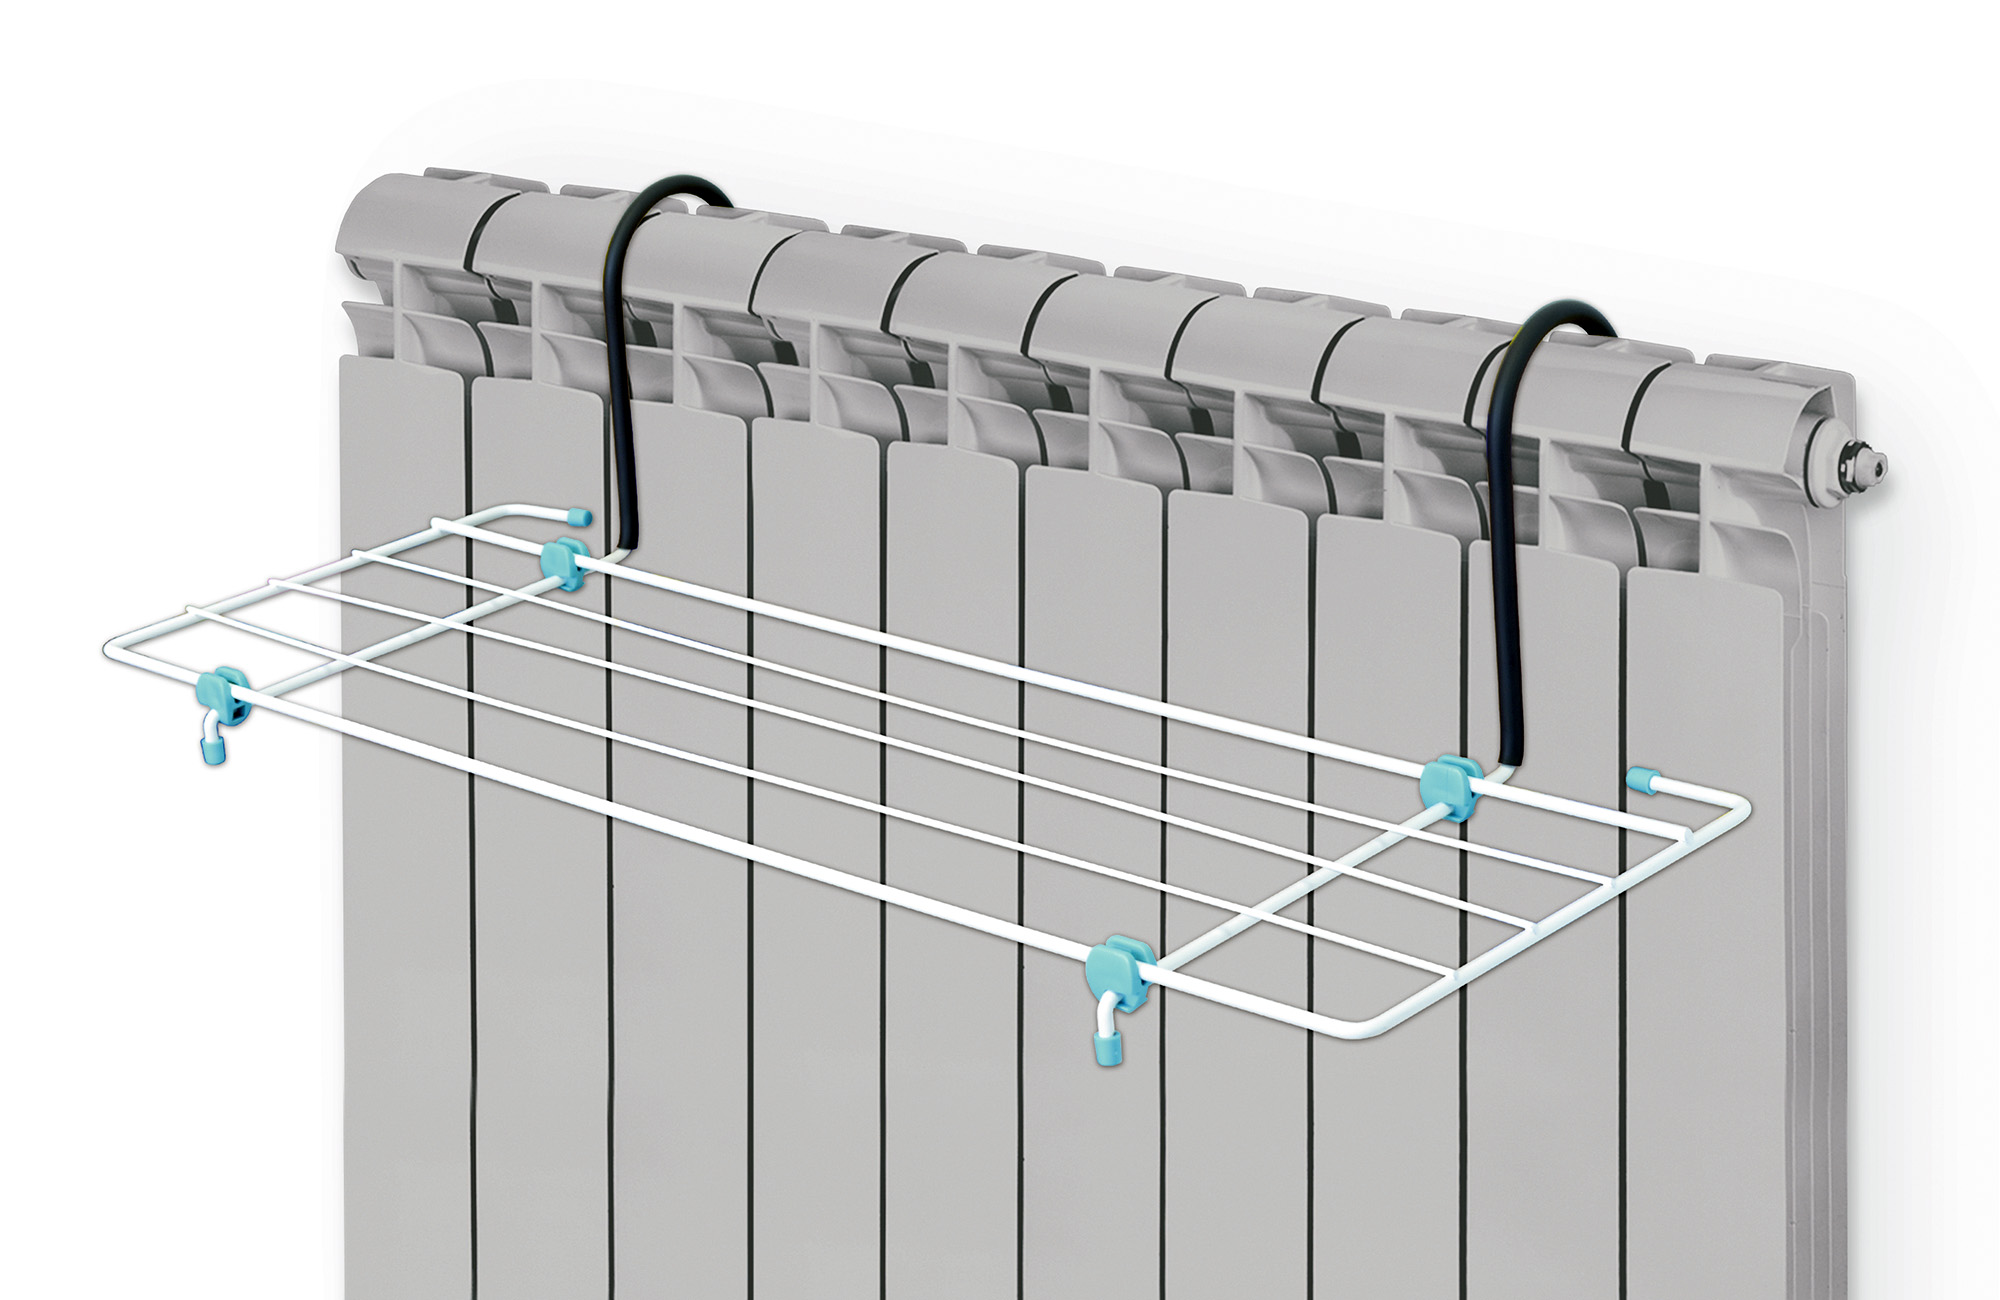 Сушилка для белья Nika, на батарею, цвет: белый, 62 х 23,5 смСБ5-65Сушилка для белья Nika предназначена для просушки одежды и обуви. Изделие устанавливается на батареи любой конфигурации. Сушилкаизготовлена из прочного и окрашенного метала с элементами пластика. Сушилка безопасна в использовании, так как все края надежнозаделаны специальными заглушками.Общая длина сушильного полотна: 3.1 м. Максимальная нагрузка: 5 кг. Размер сушилки: 65 х 23,5 см.